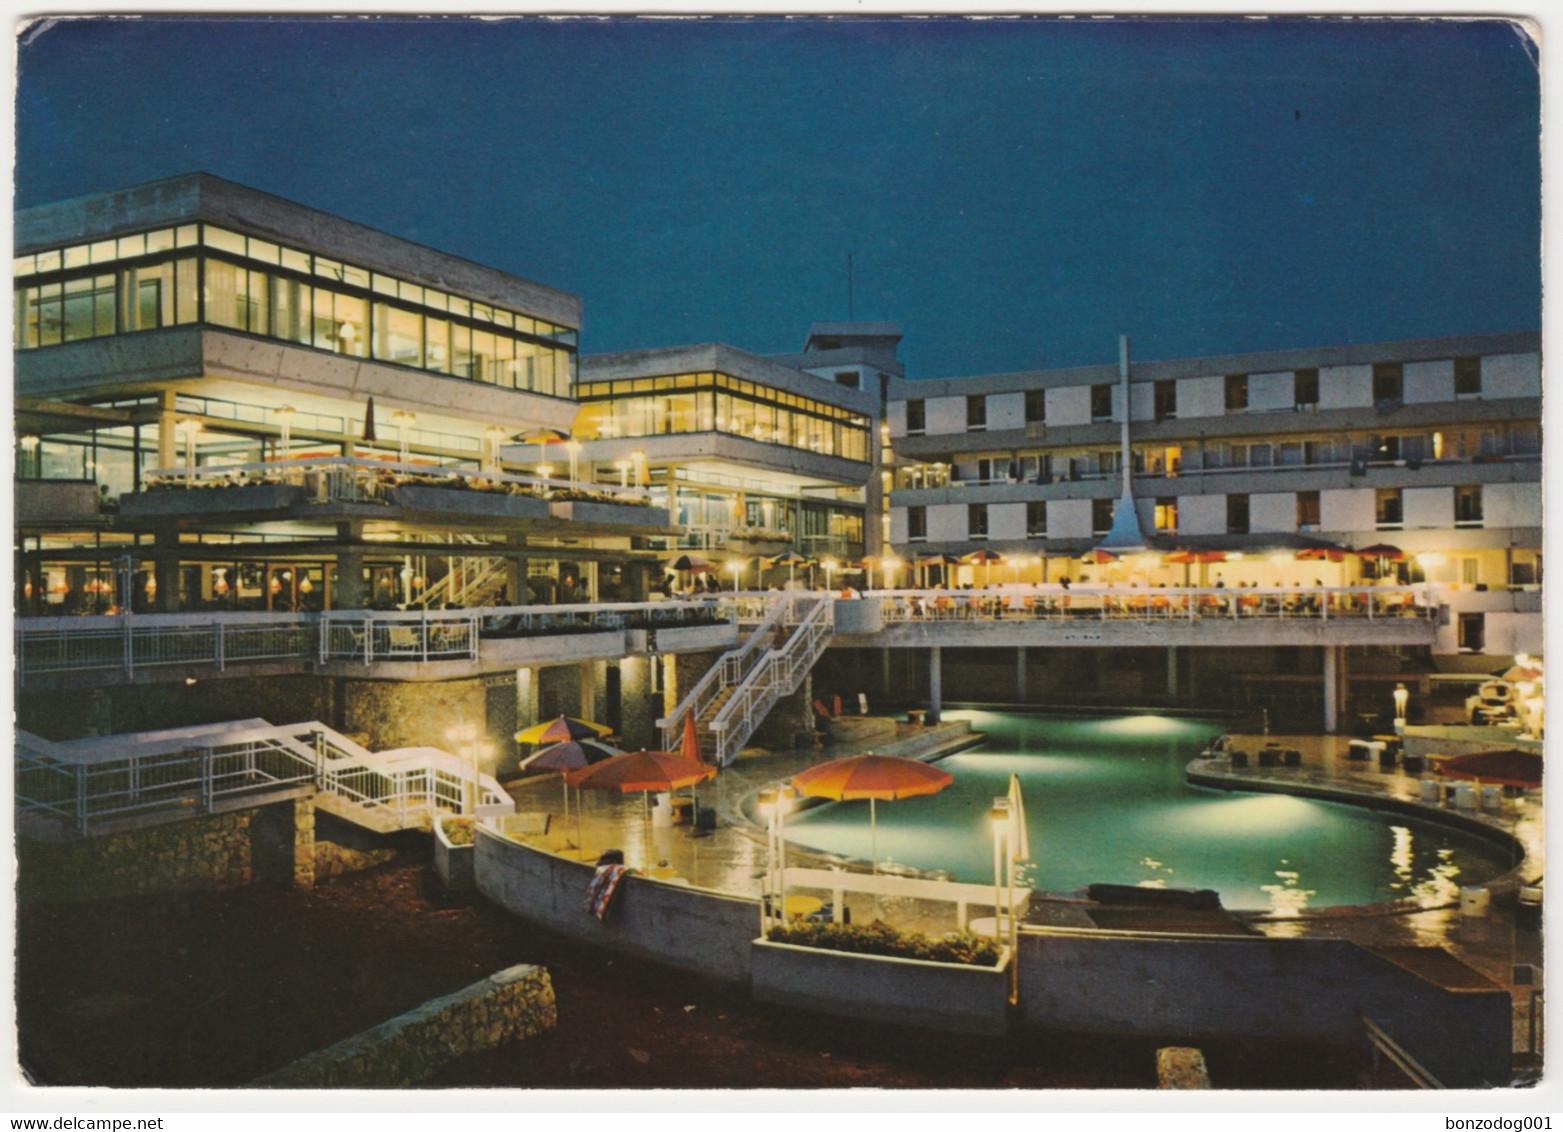 HOTEL DELFIN, PLAVA LAGUNA, POREČ (PARENZO) - Croatia